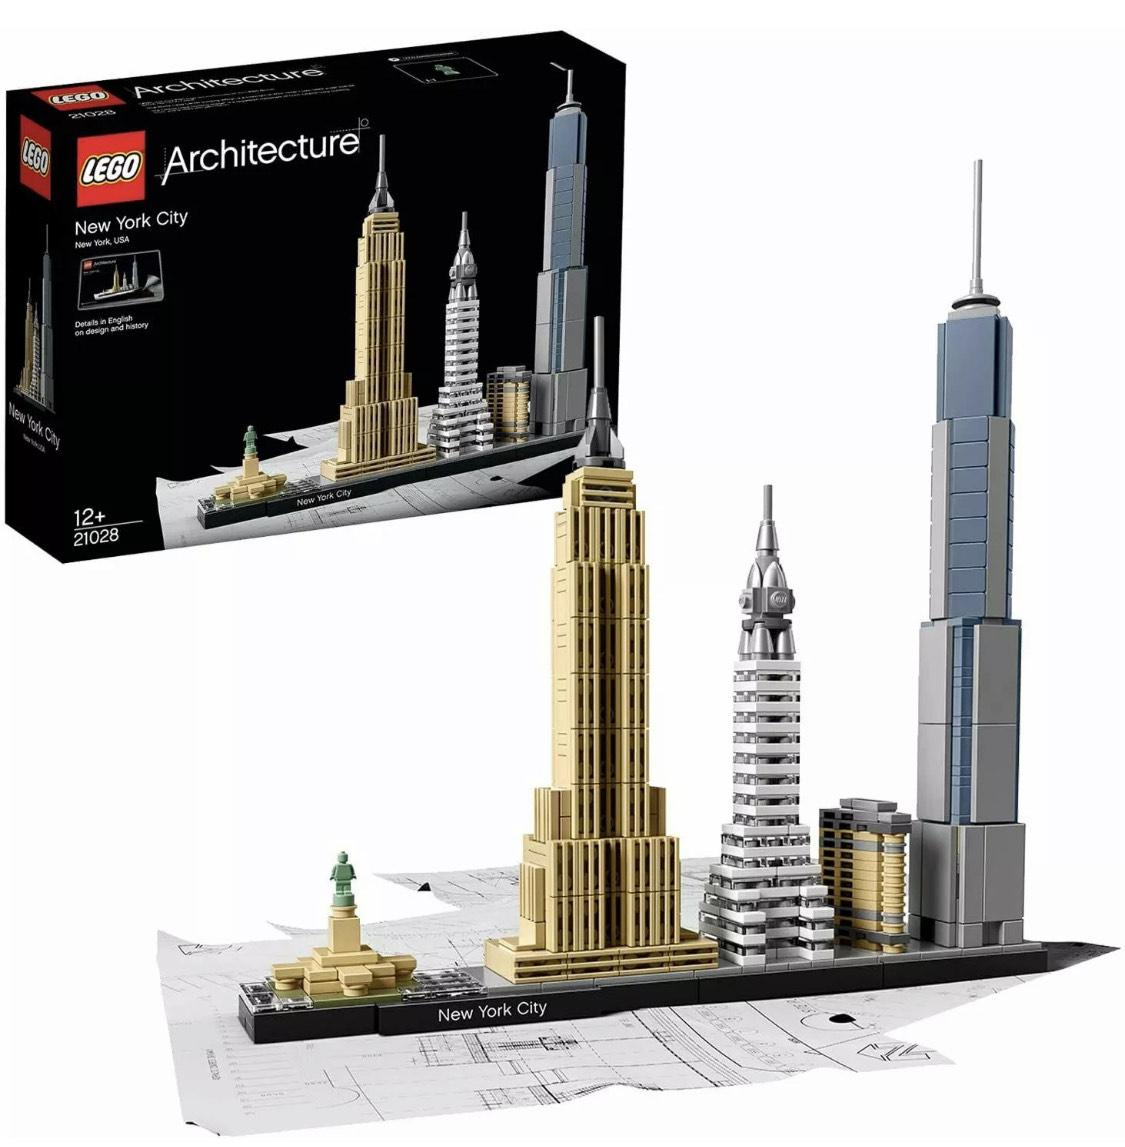 Lego Architecture 21028 New York City £32.99 @ velocityelectronics eBay